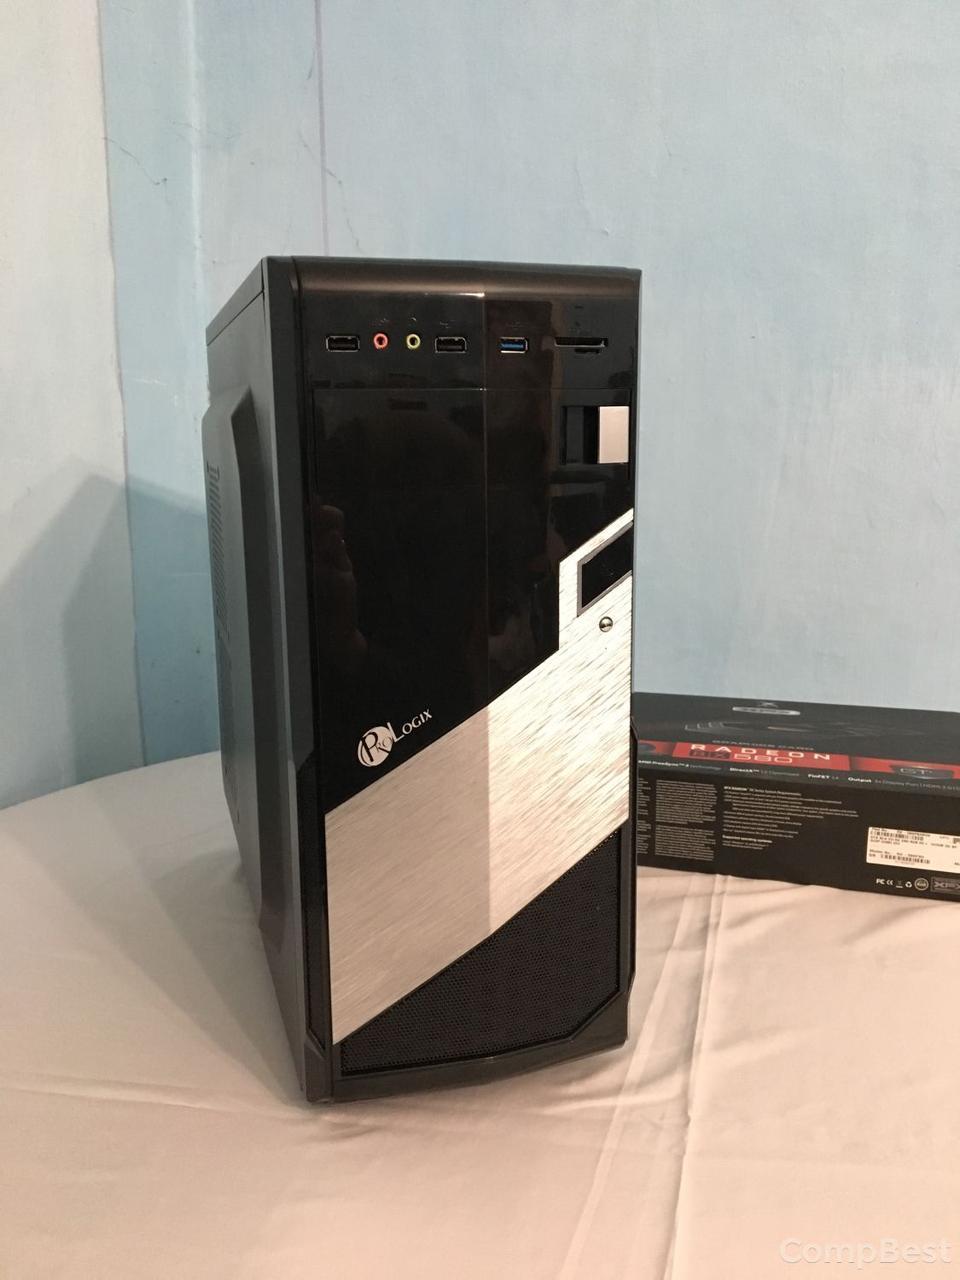 MSI Tower / Intel® Core™ i7-2600 (4 (8) ядра по 3.40 - 3.80 GHz) / 16 GB DDR3 / new 120 GB SSD + 500 GB HDD / Radeon RX580 8GB GDDR5 256bit / БП 650 W